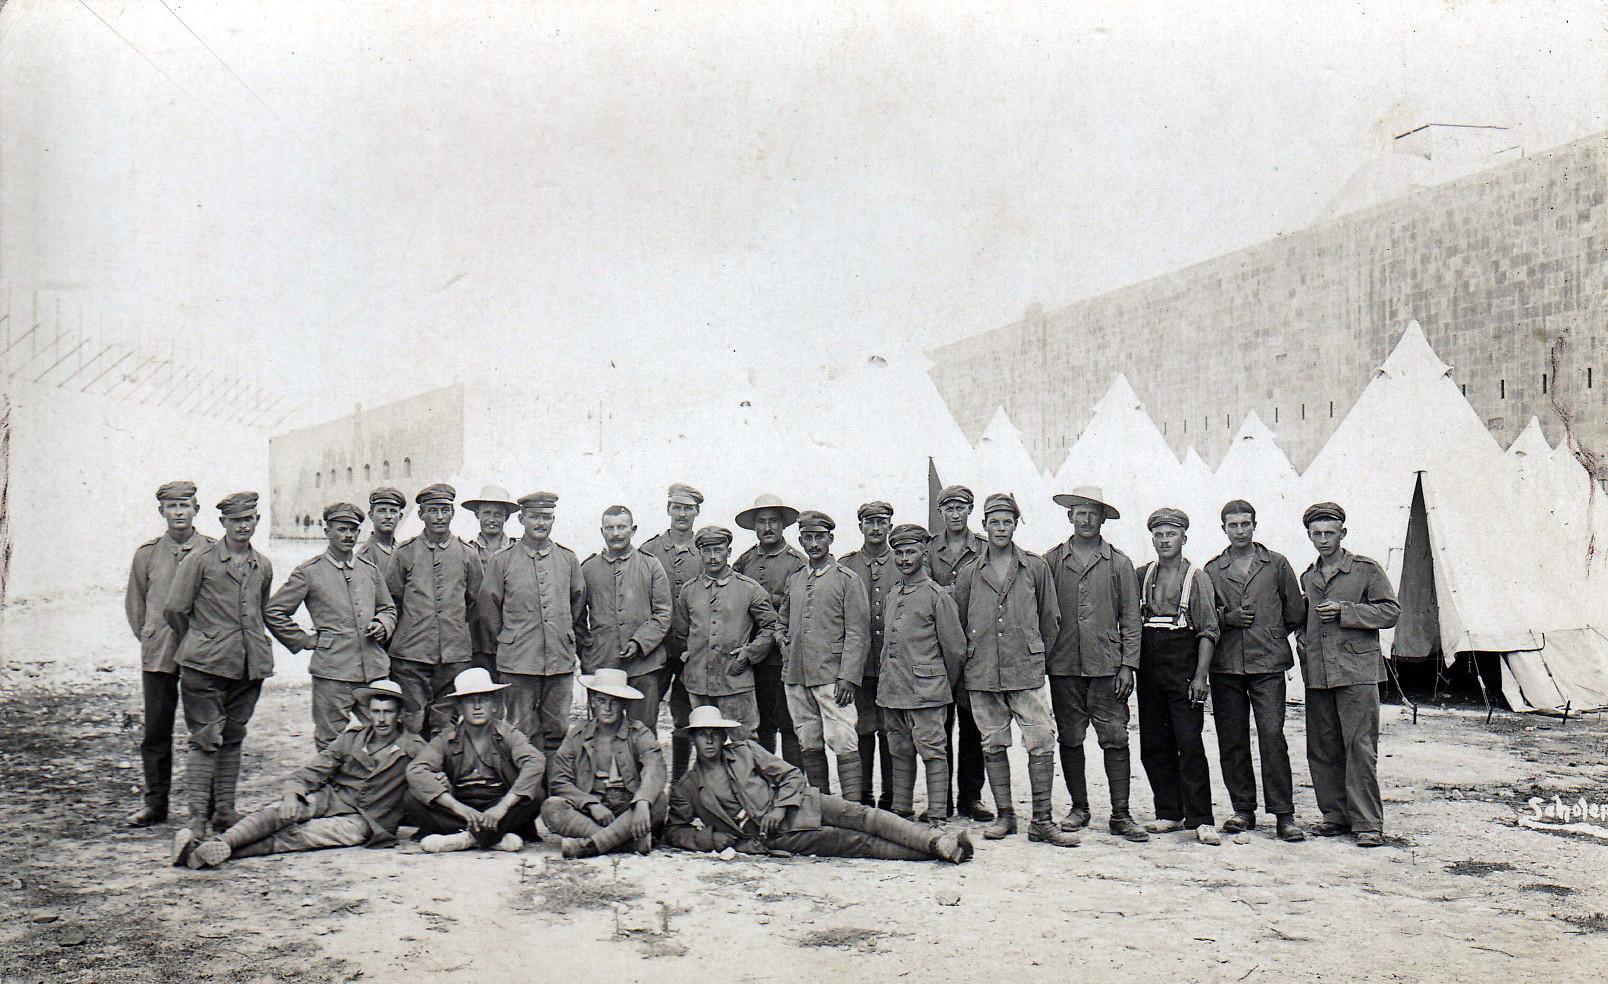 Gruppenaufnahme gefangener Deutscher